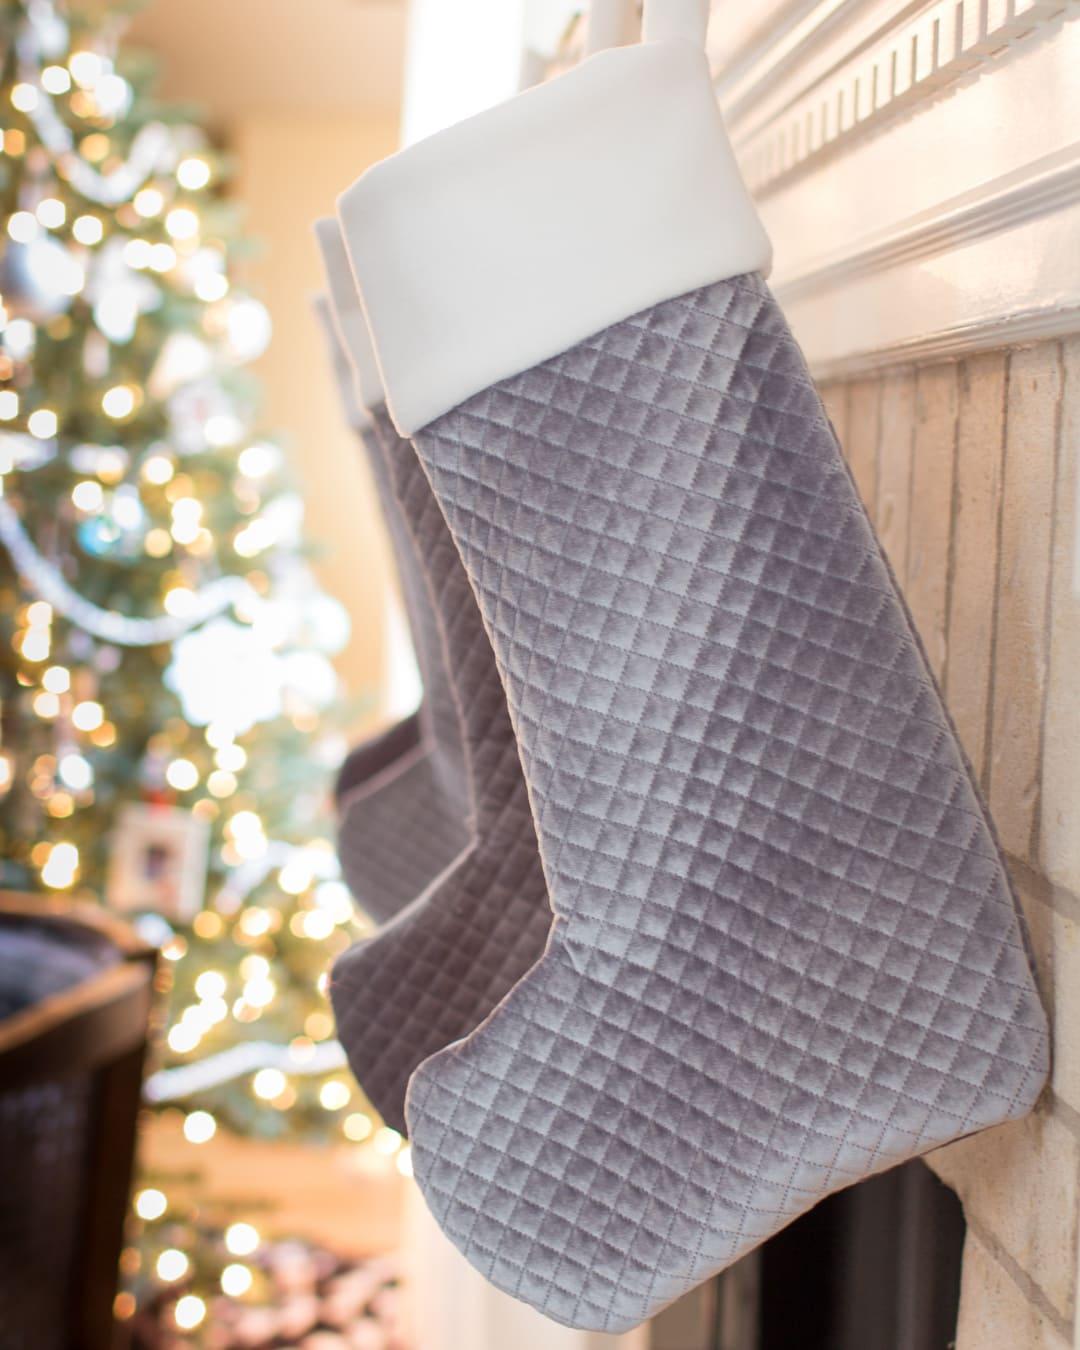 Christmas Stockings Diy.Sew Christmas Stockings Diy Stocking Tutorial Melly Sews